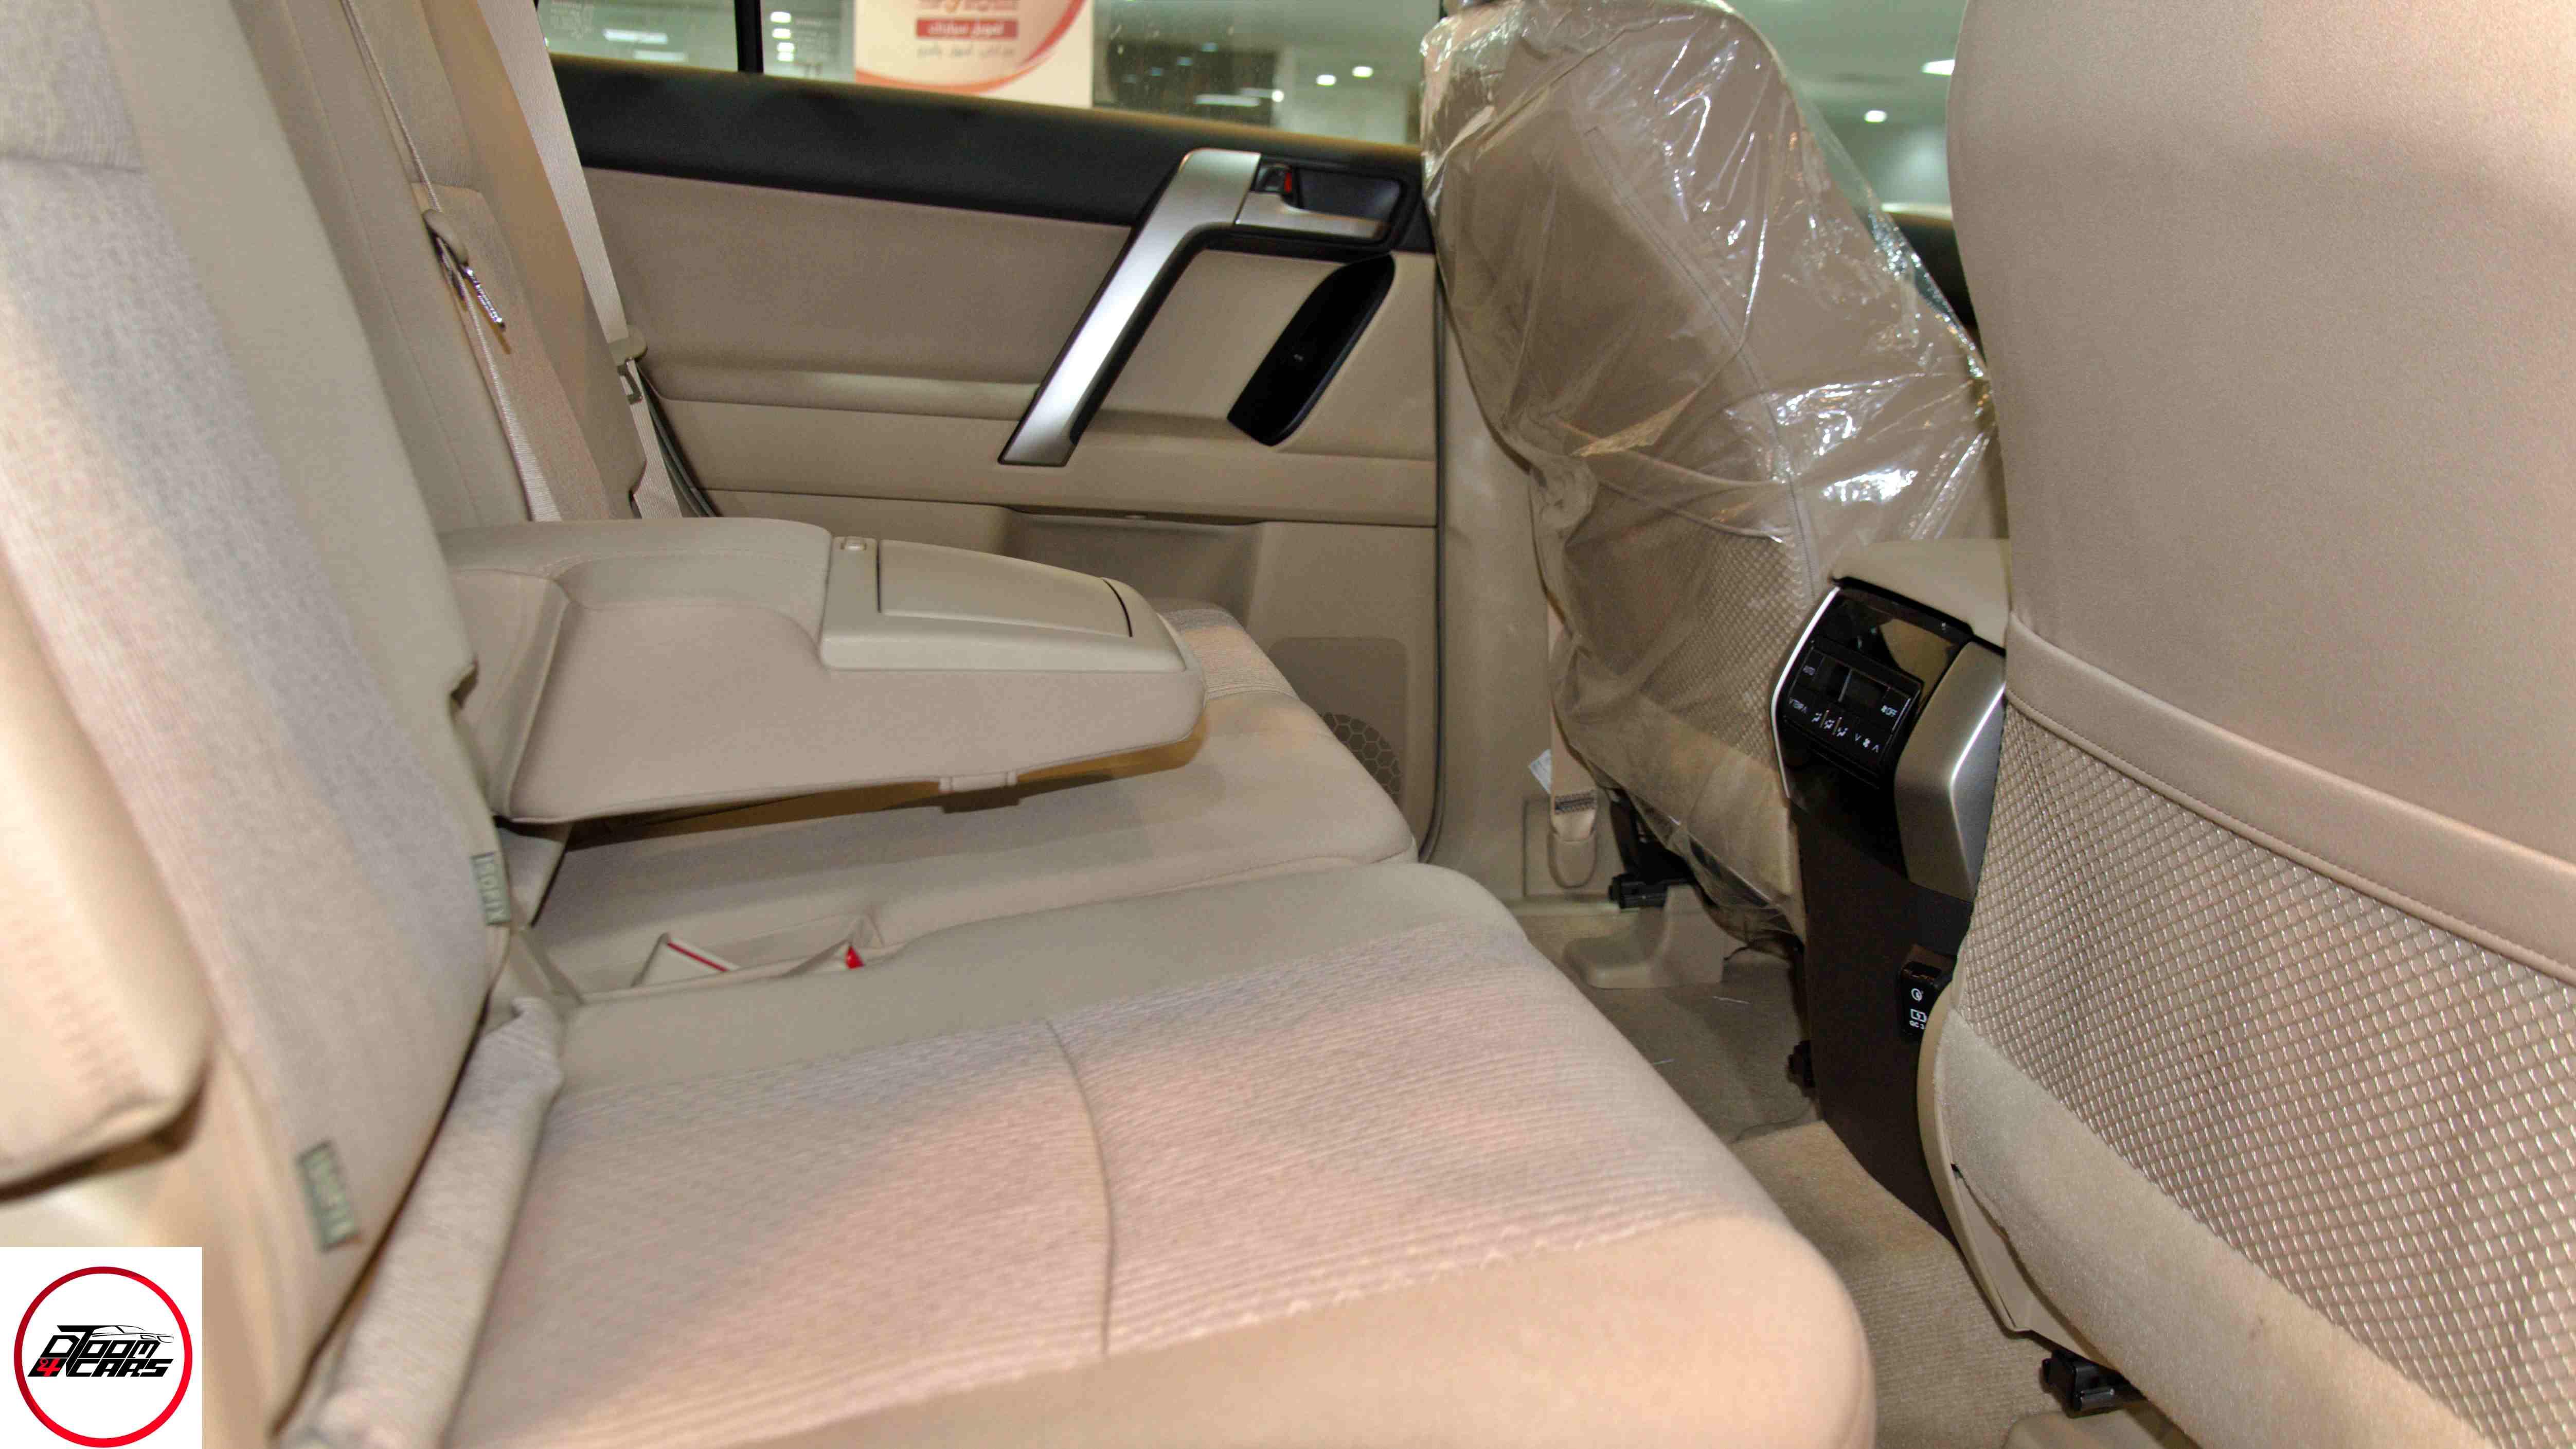 تويوتا برادو2021 VX1 بنزين  سعودي  للبيع في الرياض - السعودية - صورة كبيرة - 9